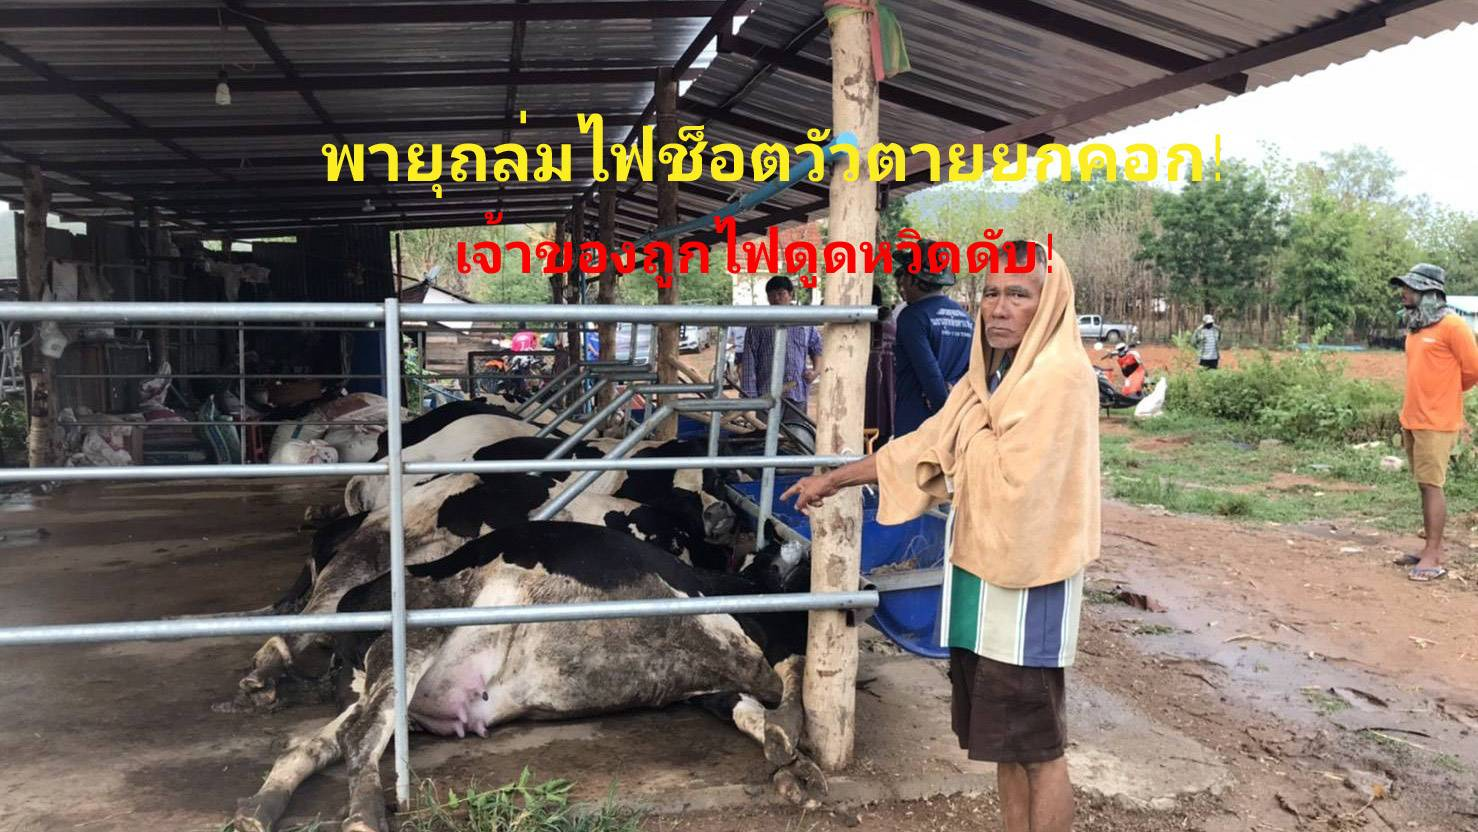 พายุถล่มพัดคอกวัวพังไฟช็อตวัวตายยกคอก เจ้าของพยายามเข้าช่วยถูกไฟดูดหวิดดับ (คลิป)